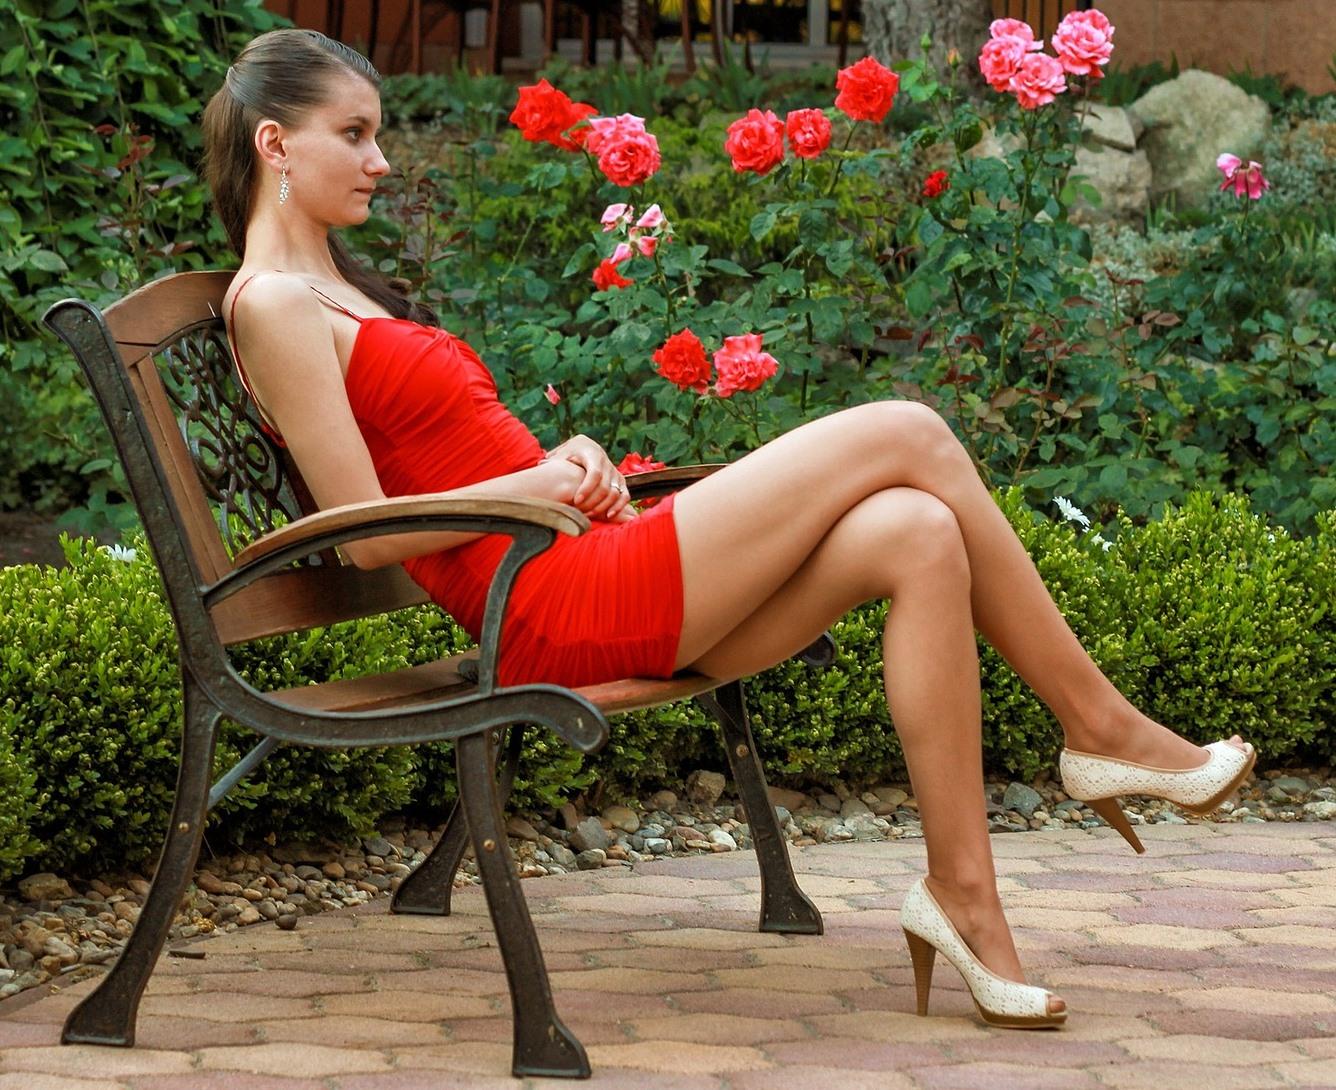 woman on hogtied wearing heels